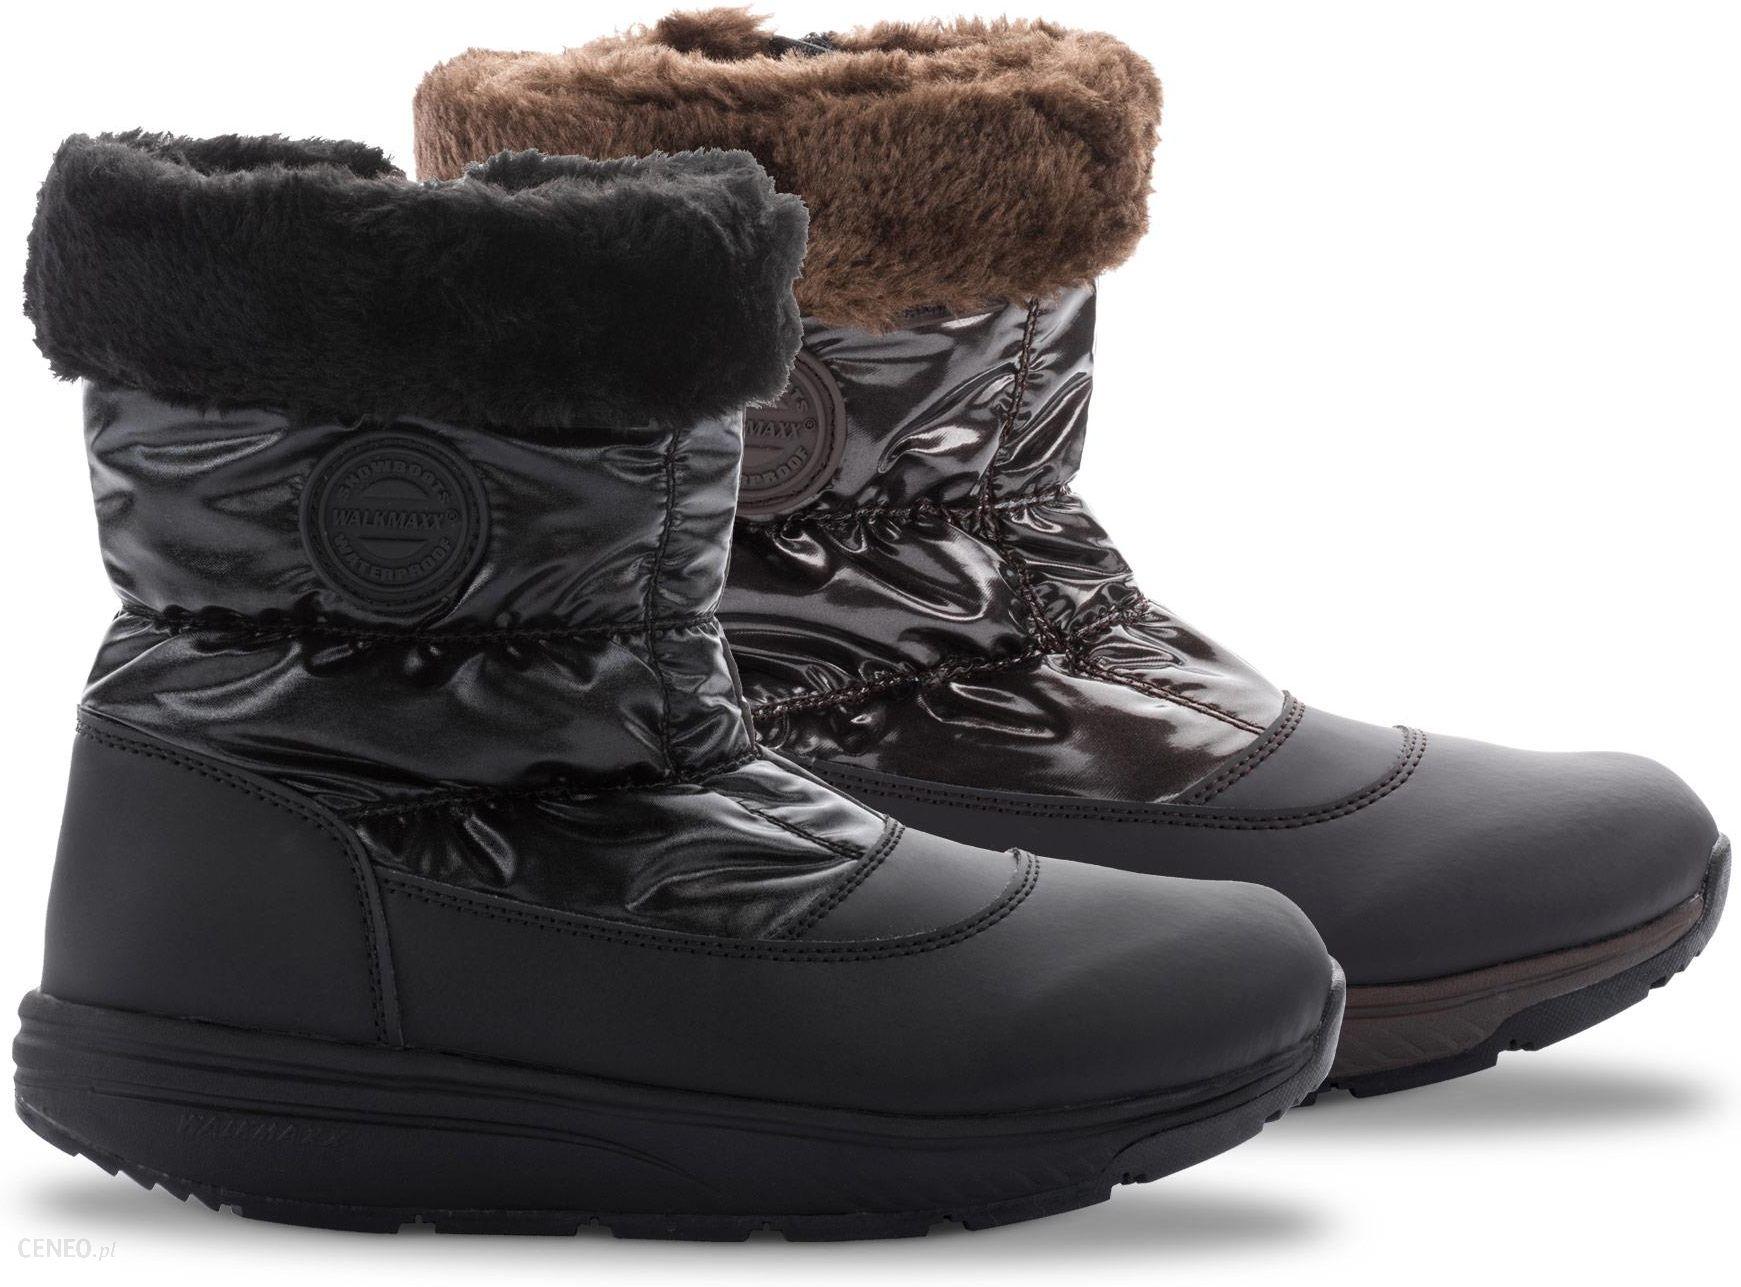 e4fd65fa Niskie damskie buty zimowe 3.0 Walkmaxx Comfort Walkmaxx, 37, czarny -  zdjęcie 1